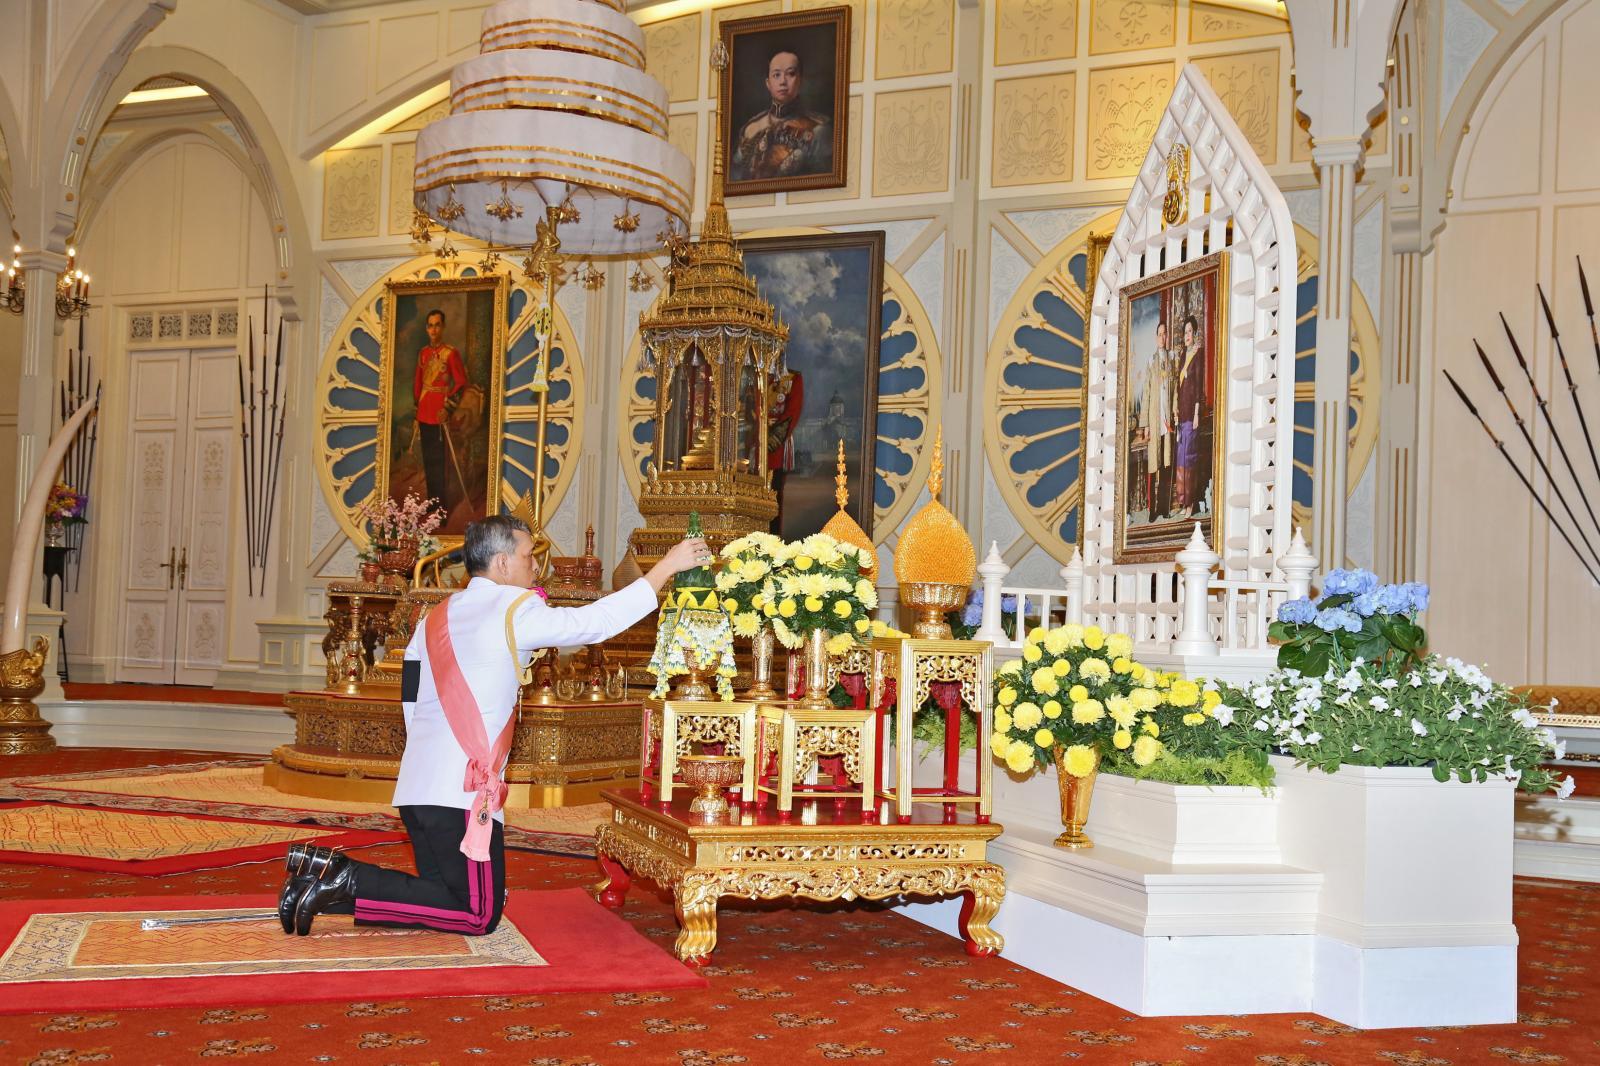 ชุดภาพประวัติศาสตร์ สมเด็จพระบรมฯ ทรงรับขึ้นทรงราชย์ เป็นสมเด็จพระเจ้าอยู่หัวรัชกาลที่ 10